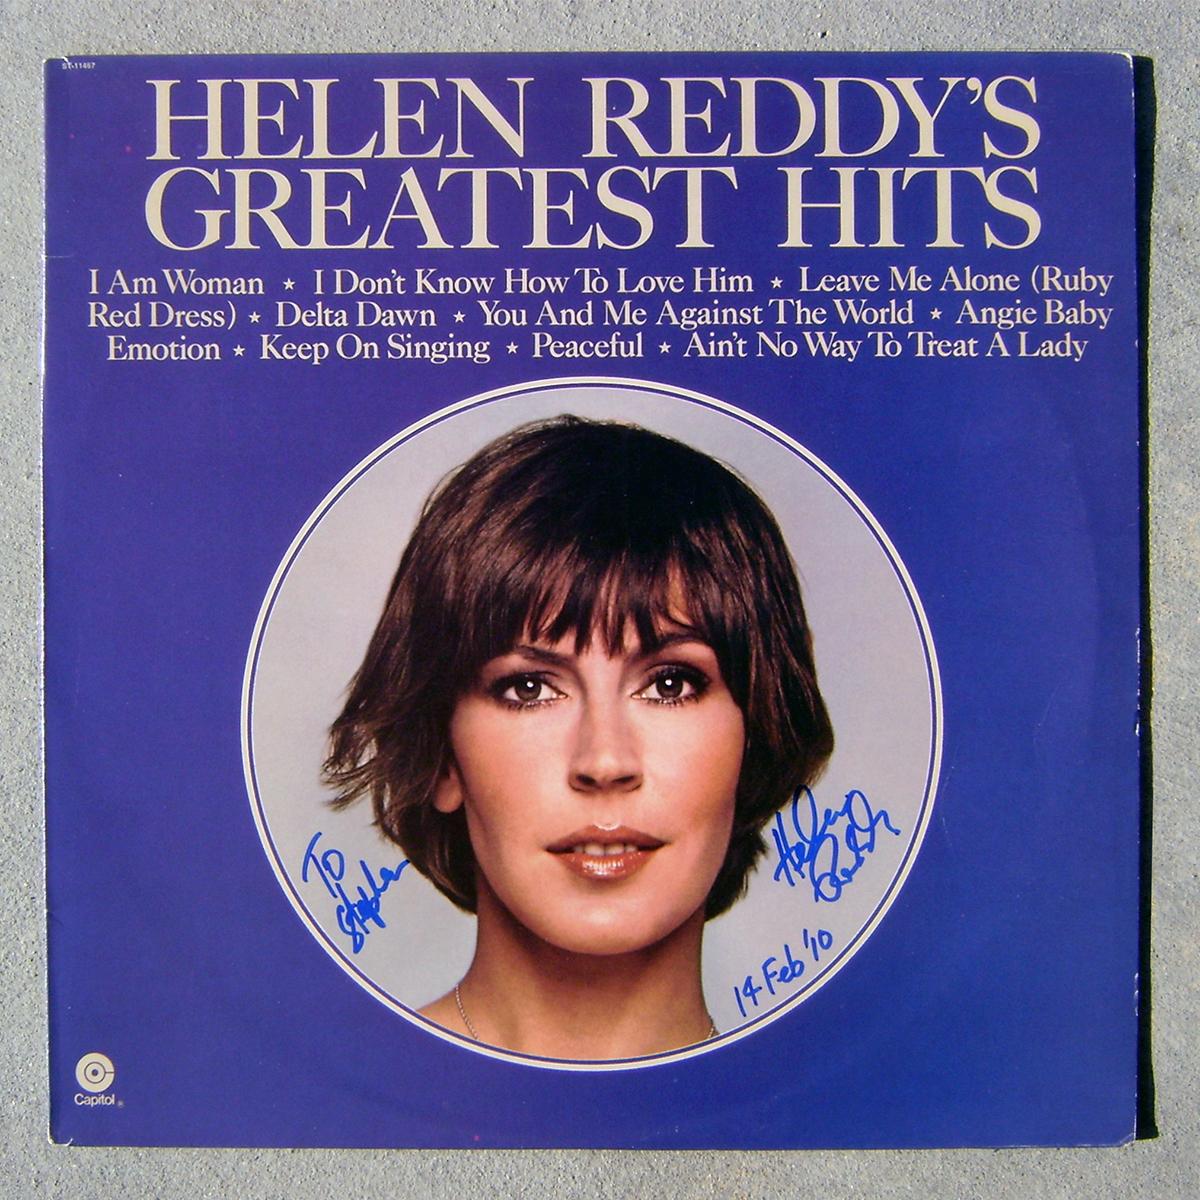 LP - Helen Reddy's Greatest Hits